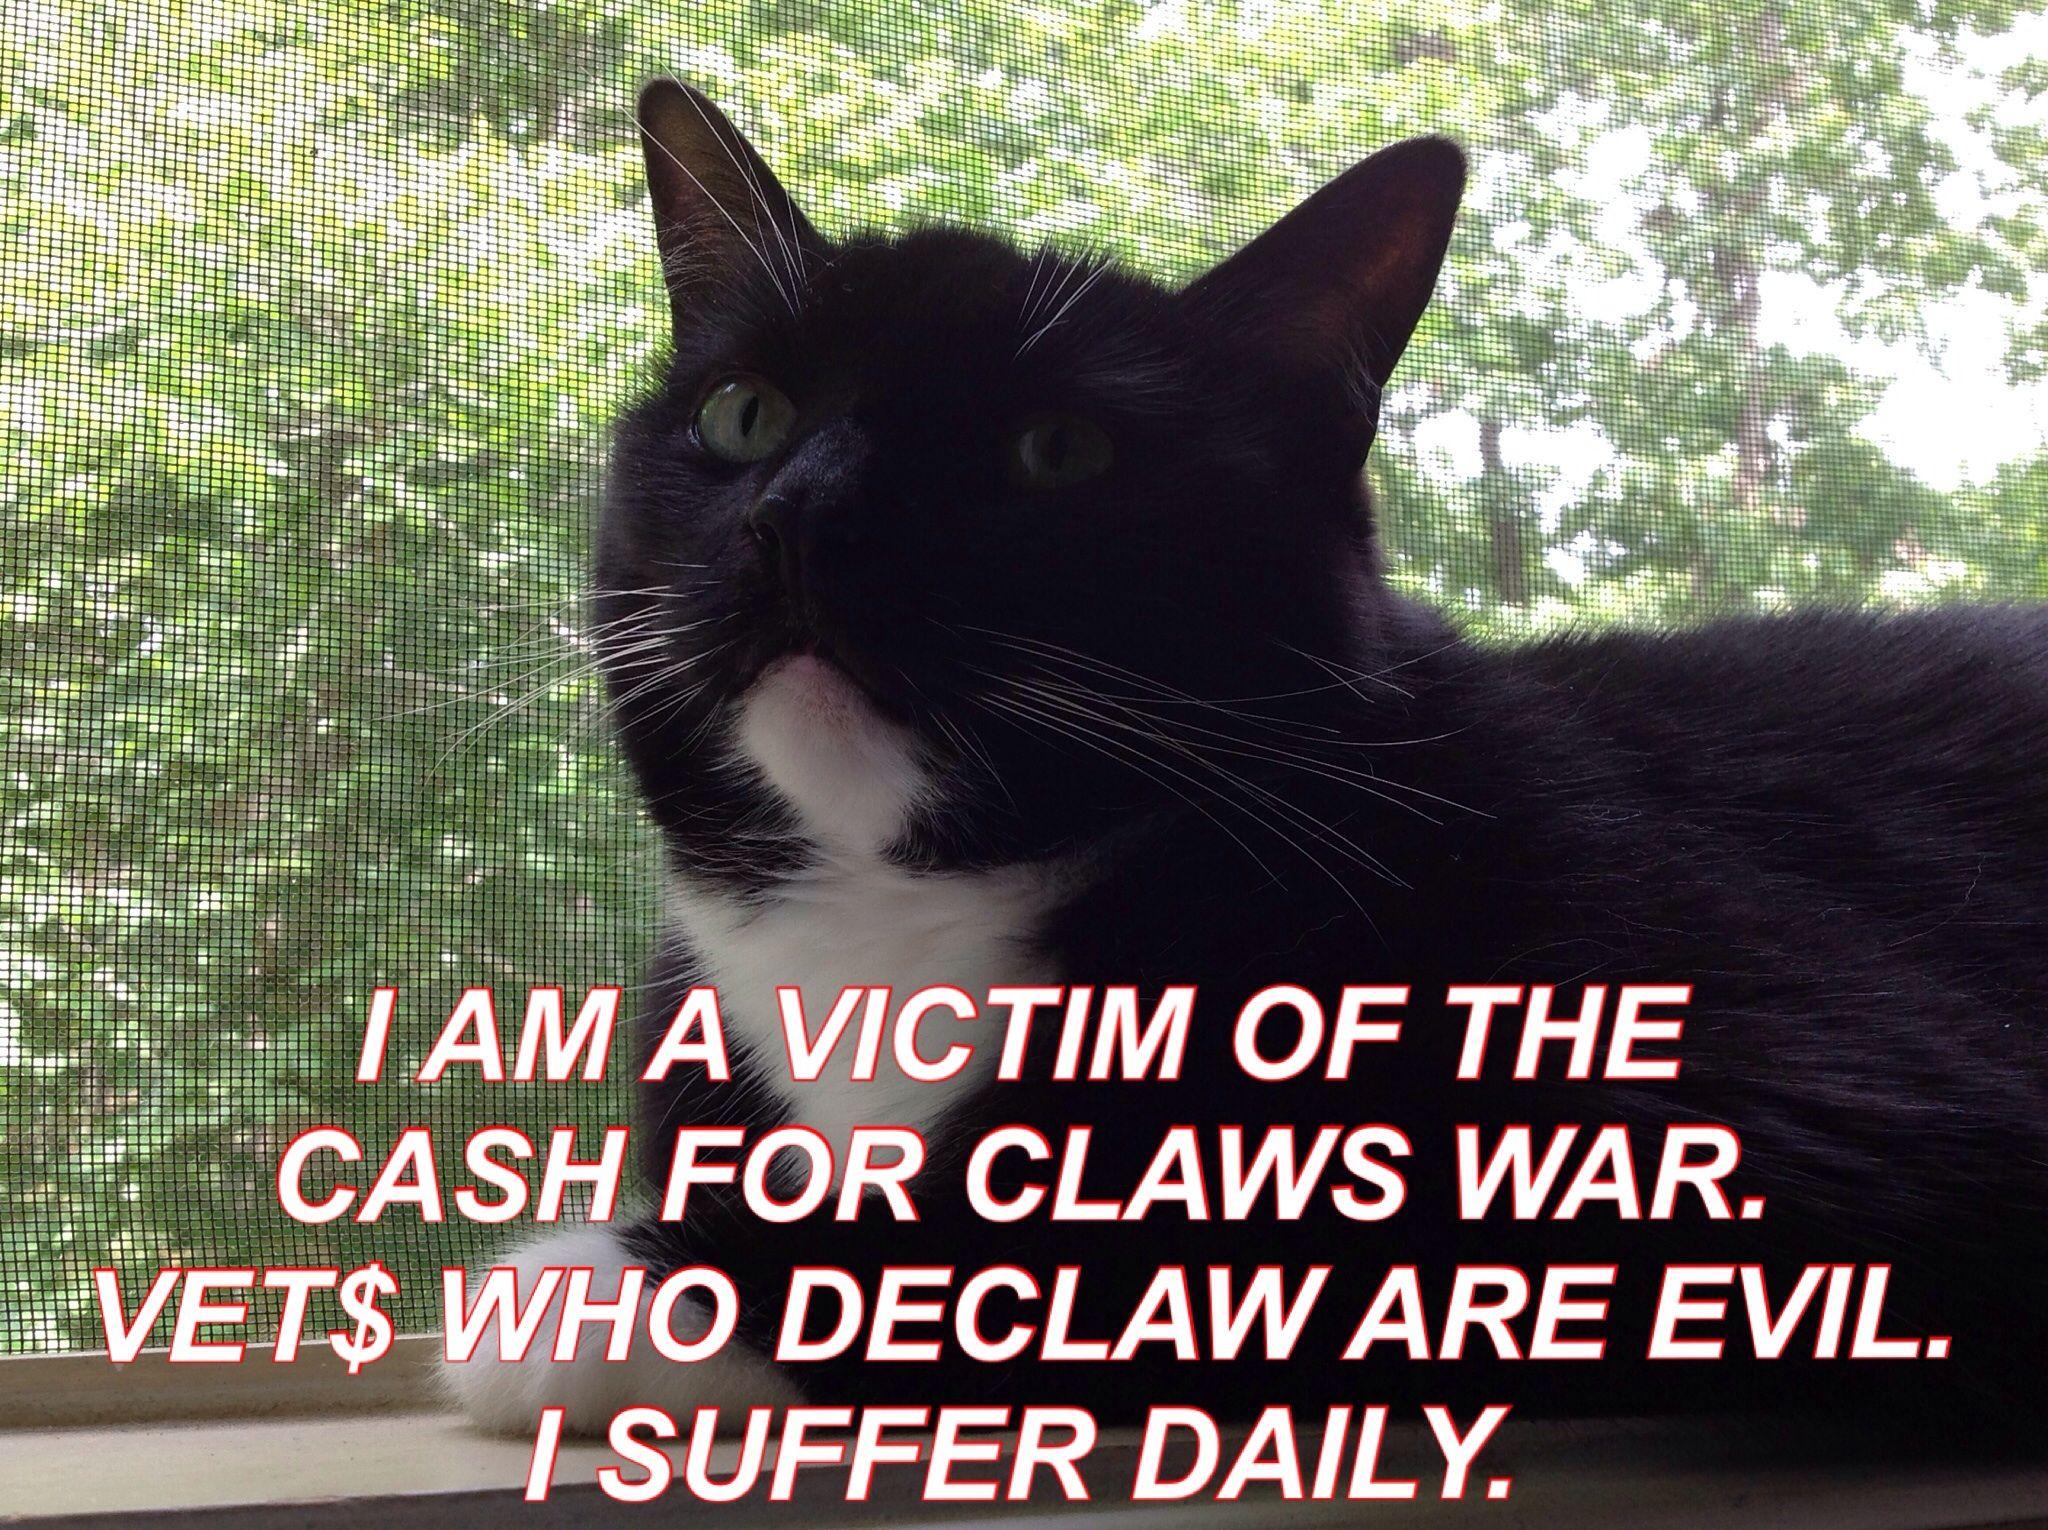 Vet Who Declaw Are Evil Vet Med Pet Care